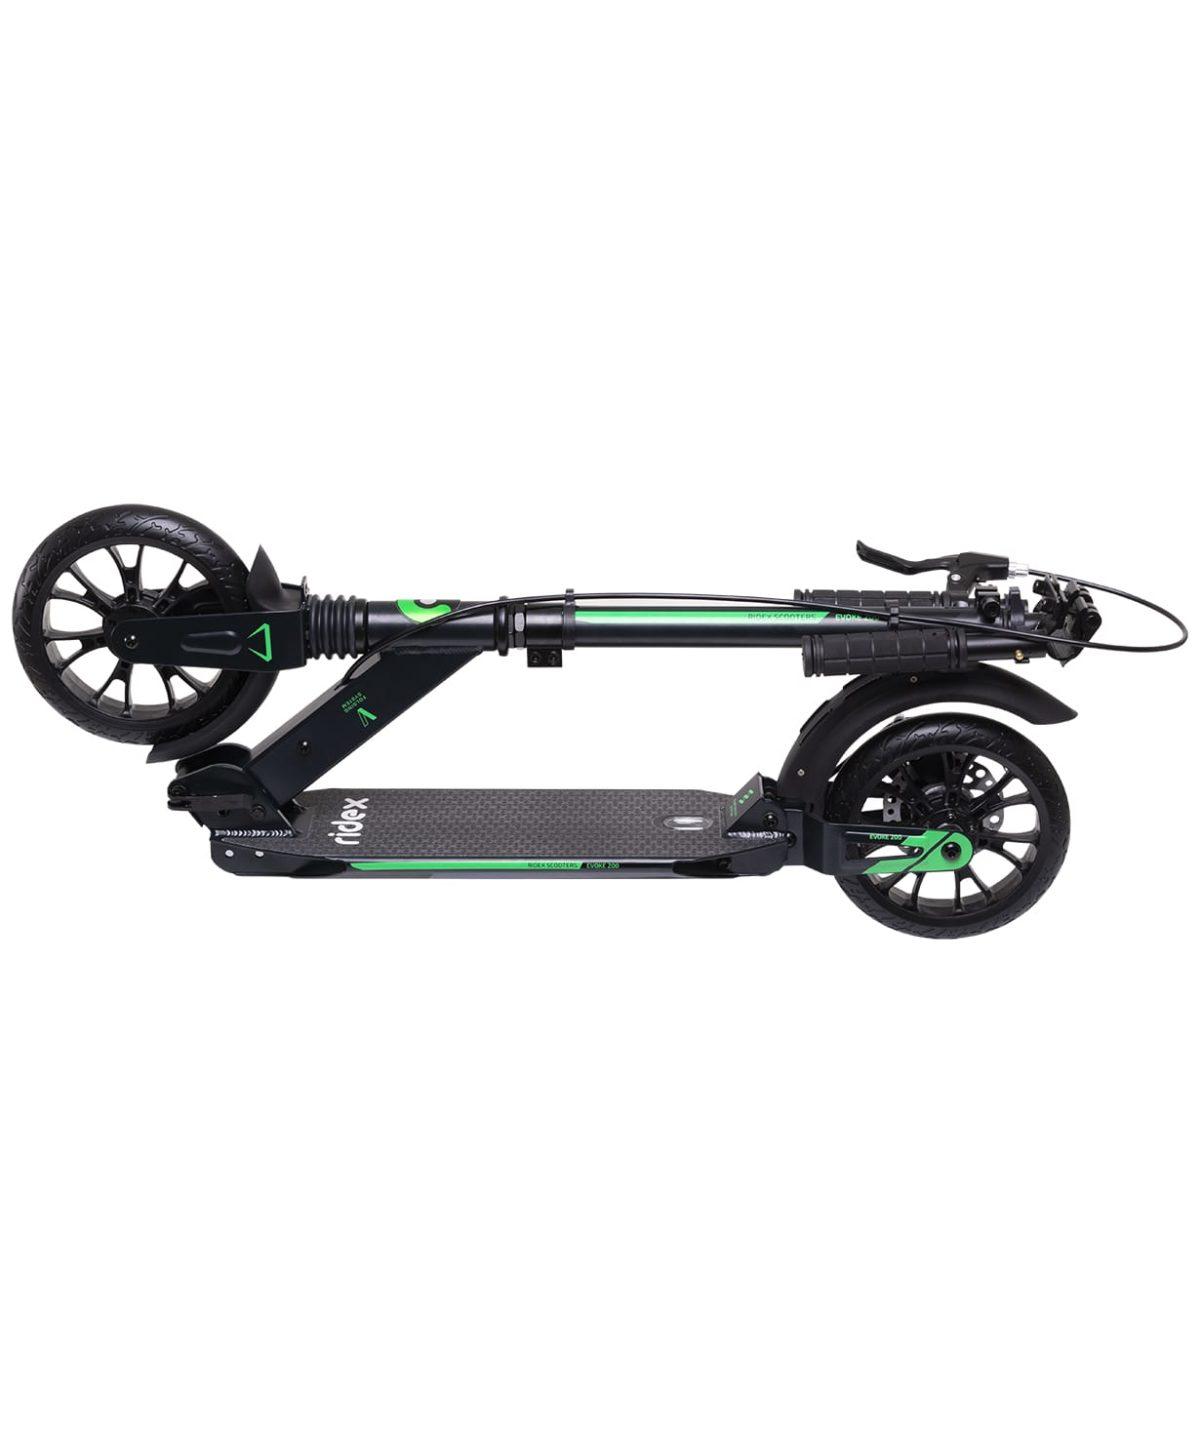 RIDEX Evoke Самокат 2-колесный с дисковым тормозом 200 мм  Evoke: зелёный - 6